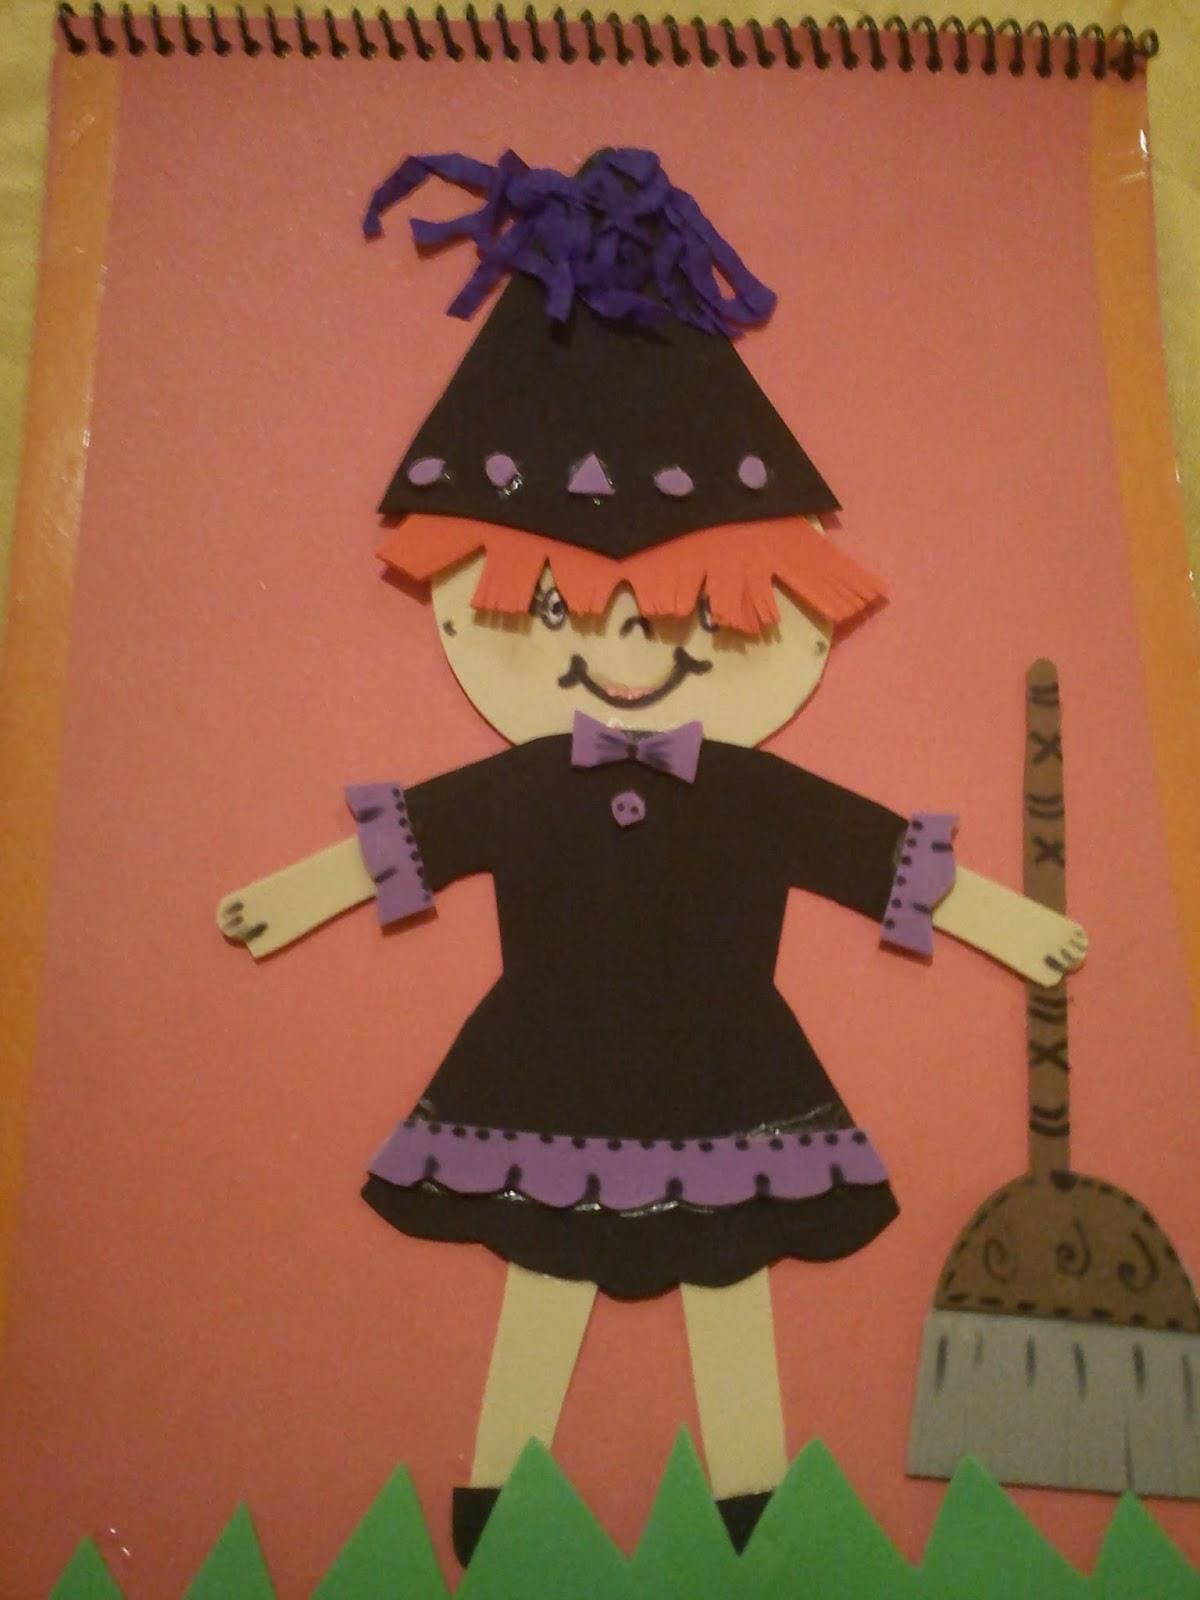 Plano de aula Dia das Bruxas de Educação Infantil e Ensino Fundamental.